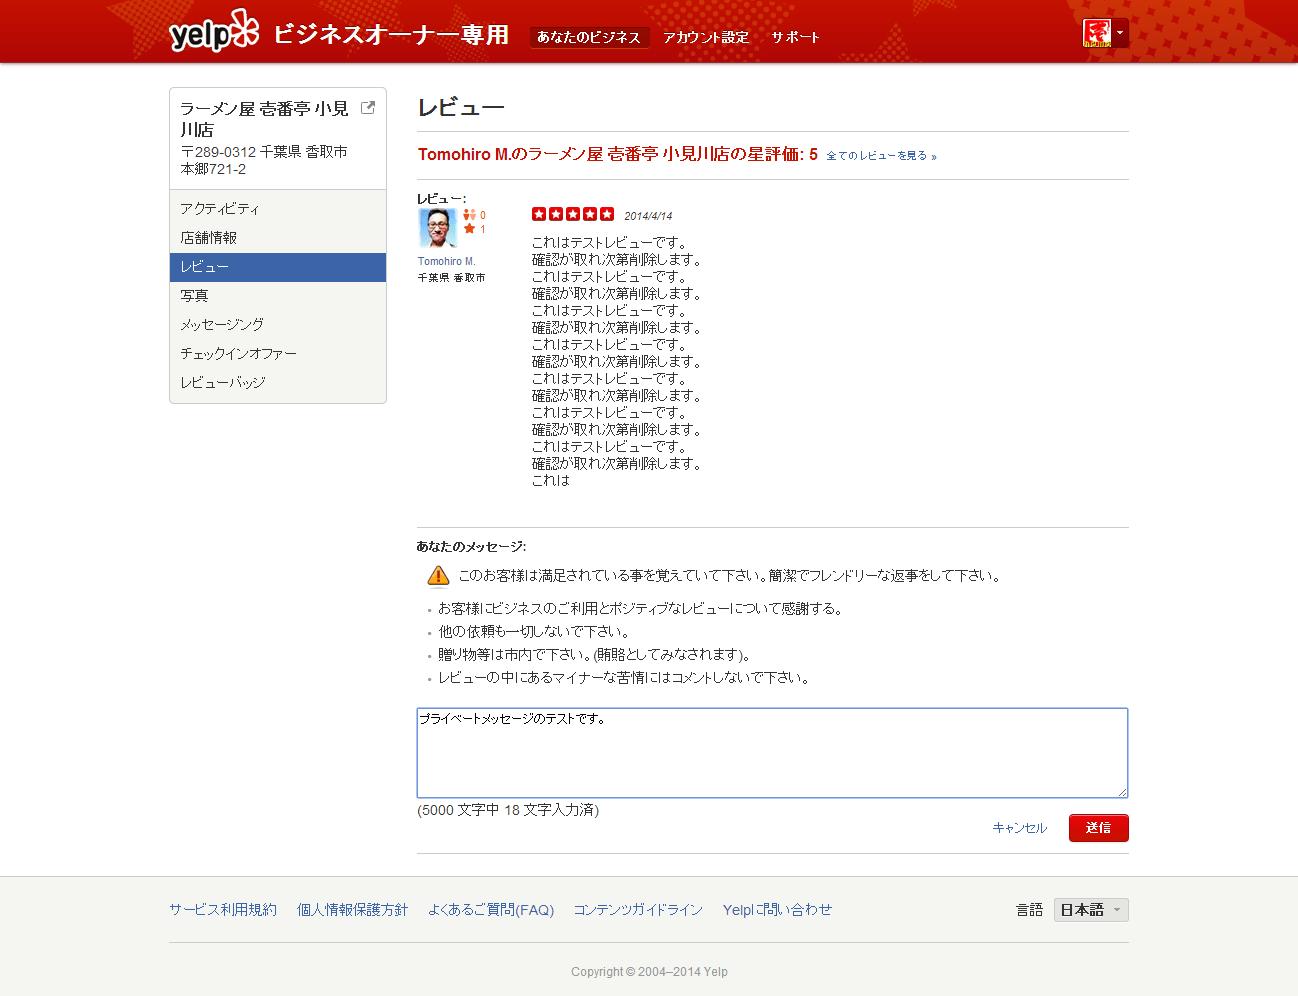 Yelp_ビジネスオーナー専用-レビュー02